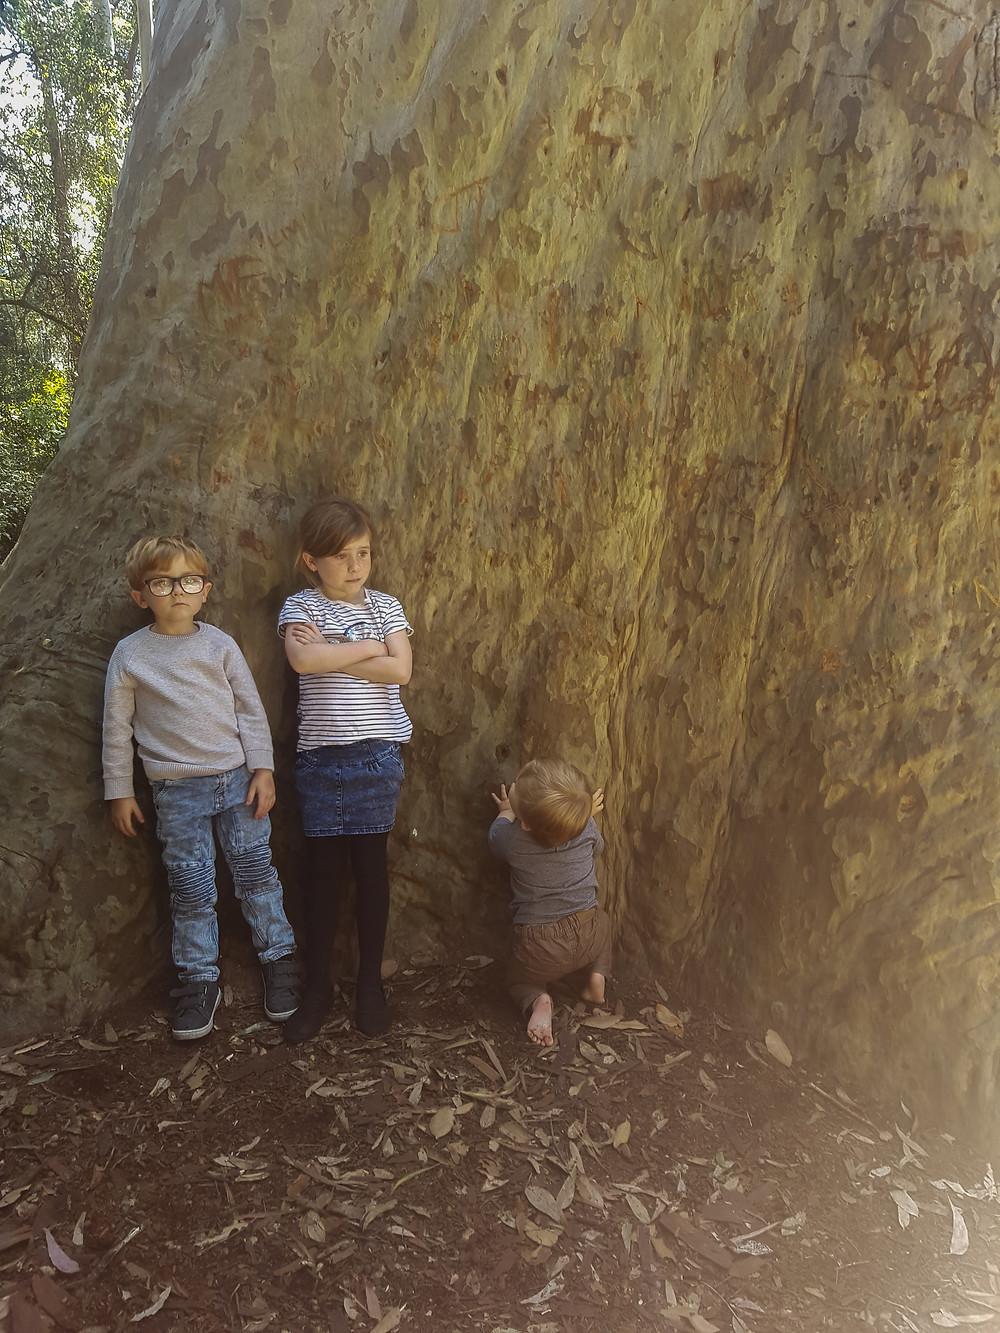 Big tree in Murramarang National Park